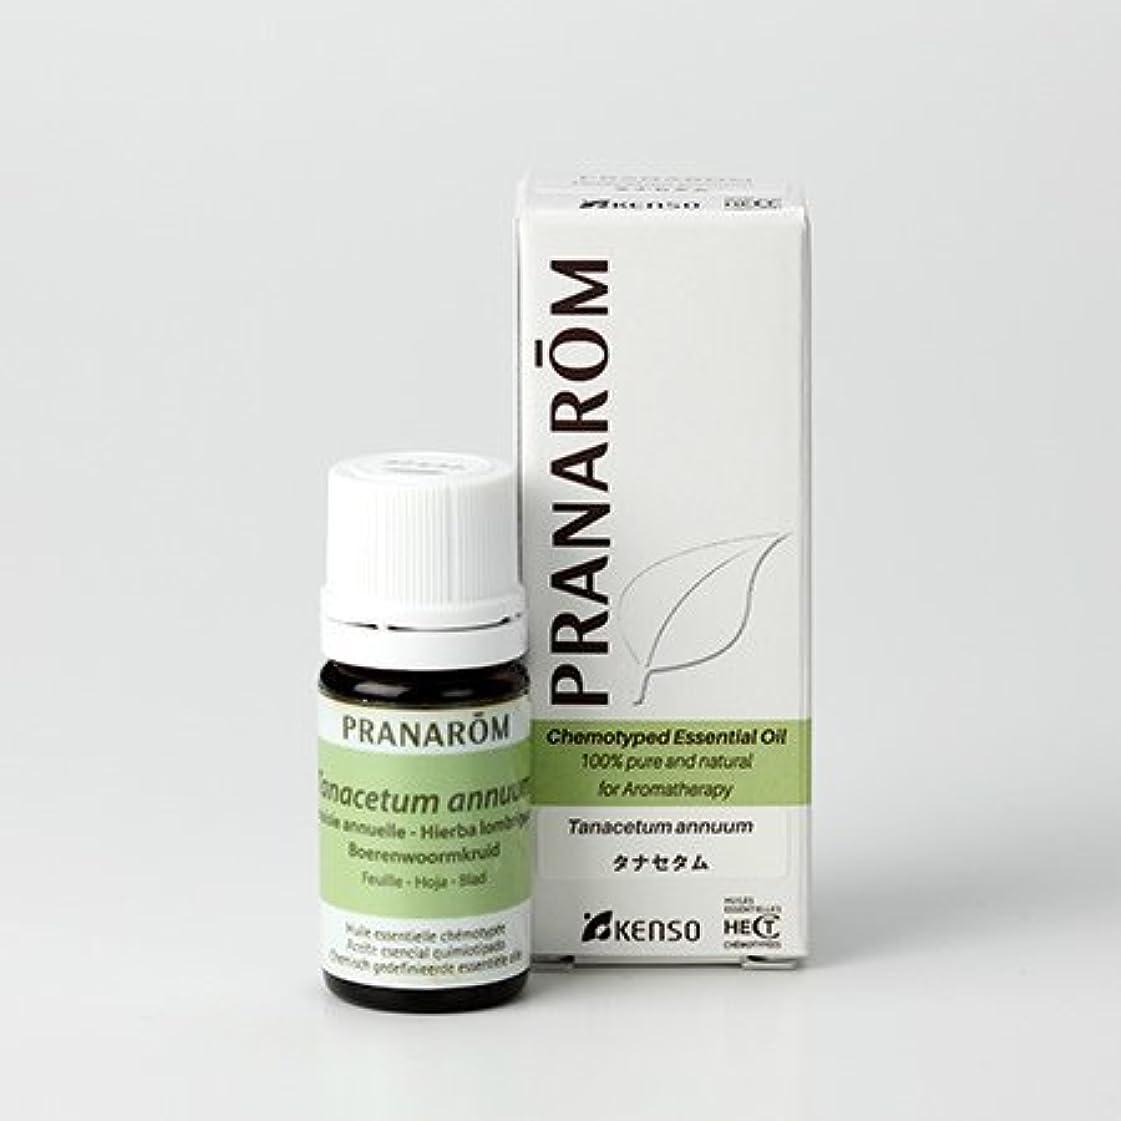 持続的見える審判【タナセタム 5ml】→甘みのある、濃厚でフルーティな香り?(リラックスハーブ系)[PRANAROM(プラナロム)精油/アロマオイル/エッセンシャルオイル]P-173